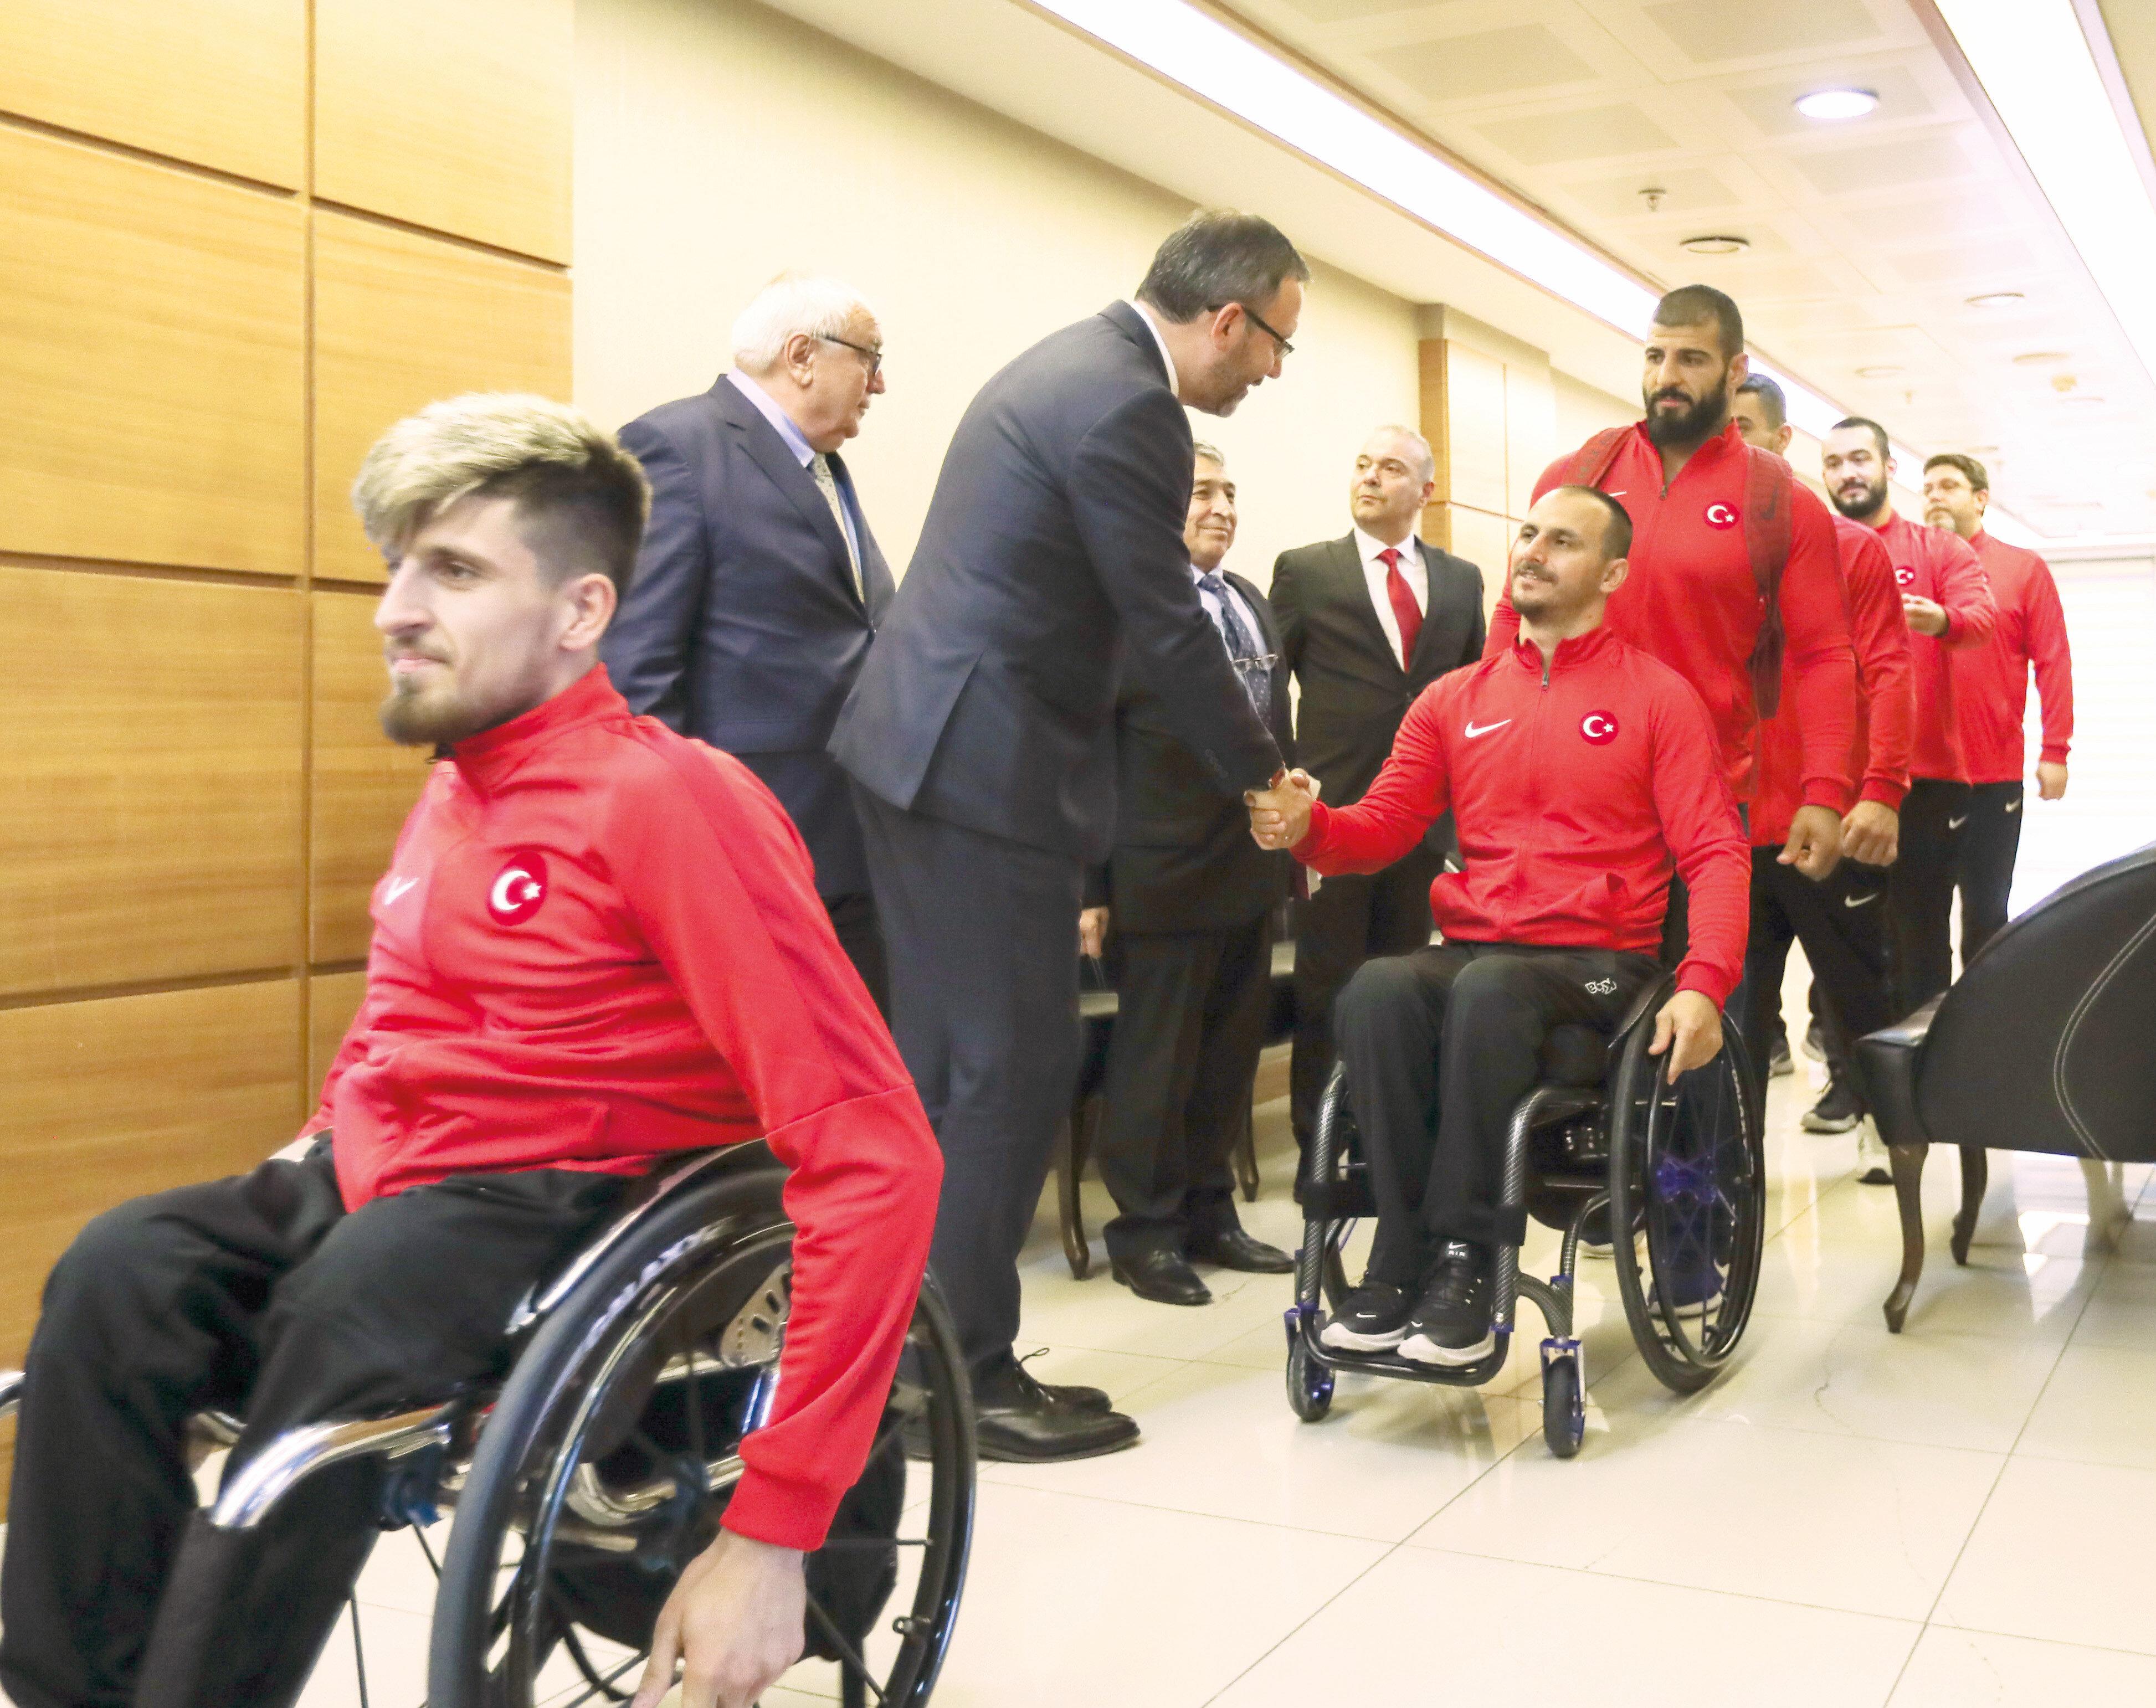 Tekerlekli Sandalye Basketbol Milli Takımı Gençlik ve Spor Bakanı'nı ziyaret etti.